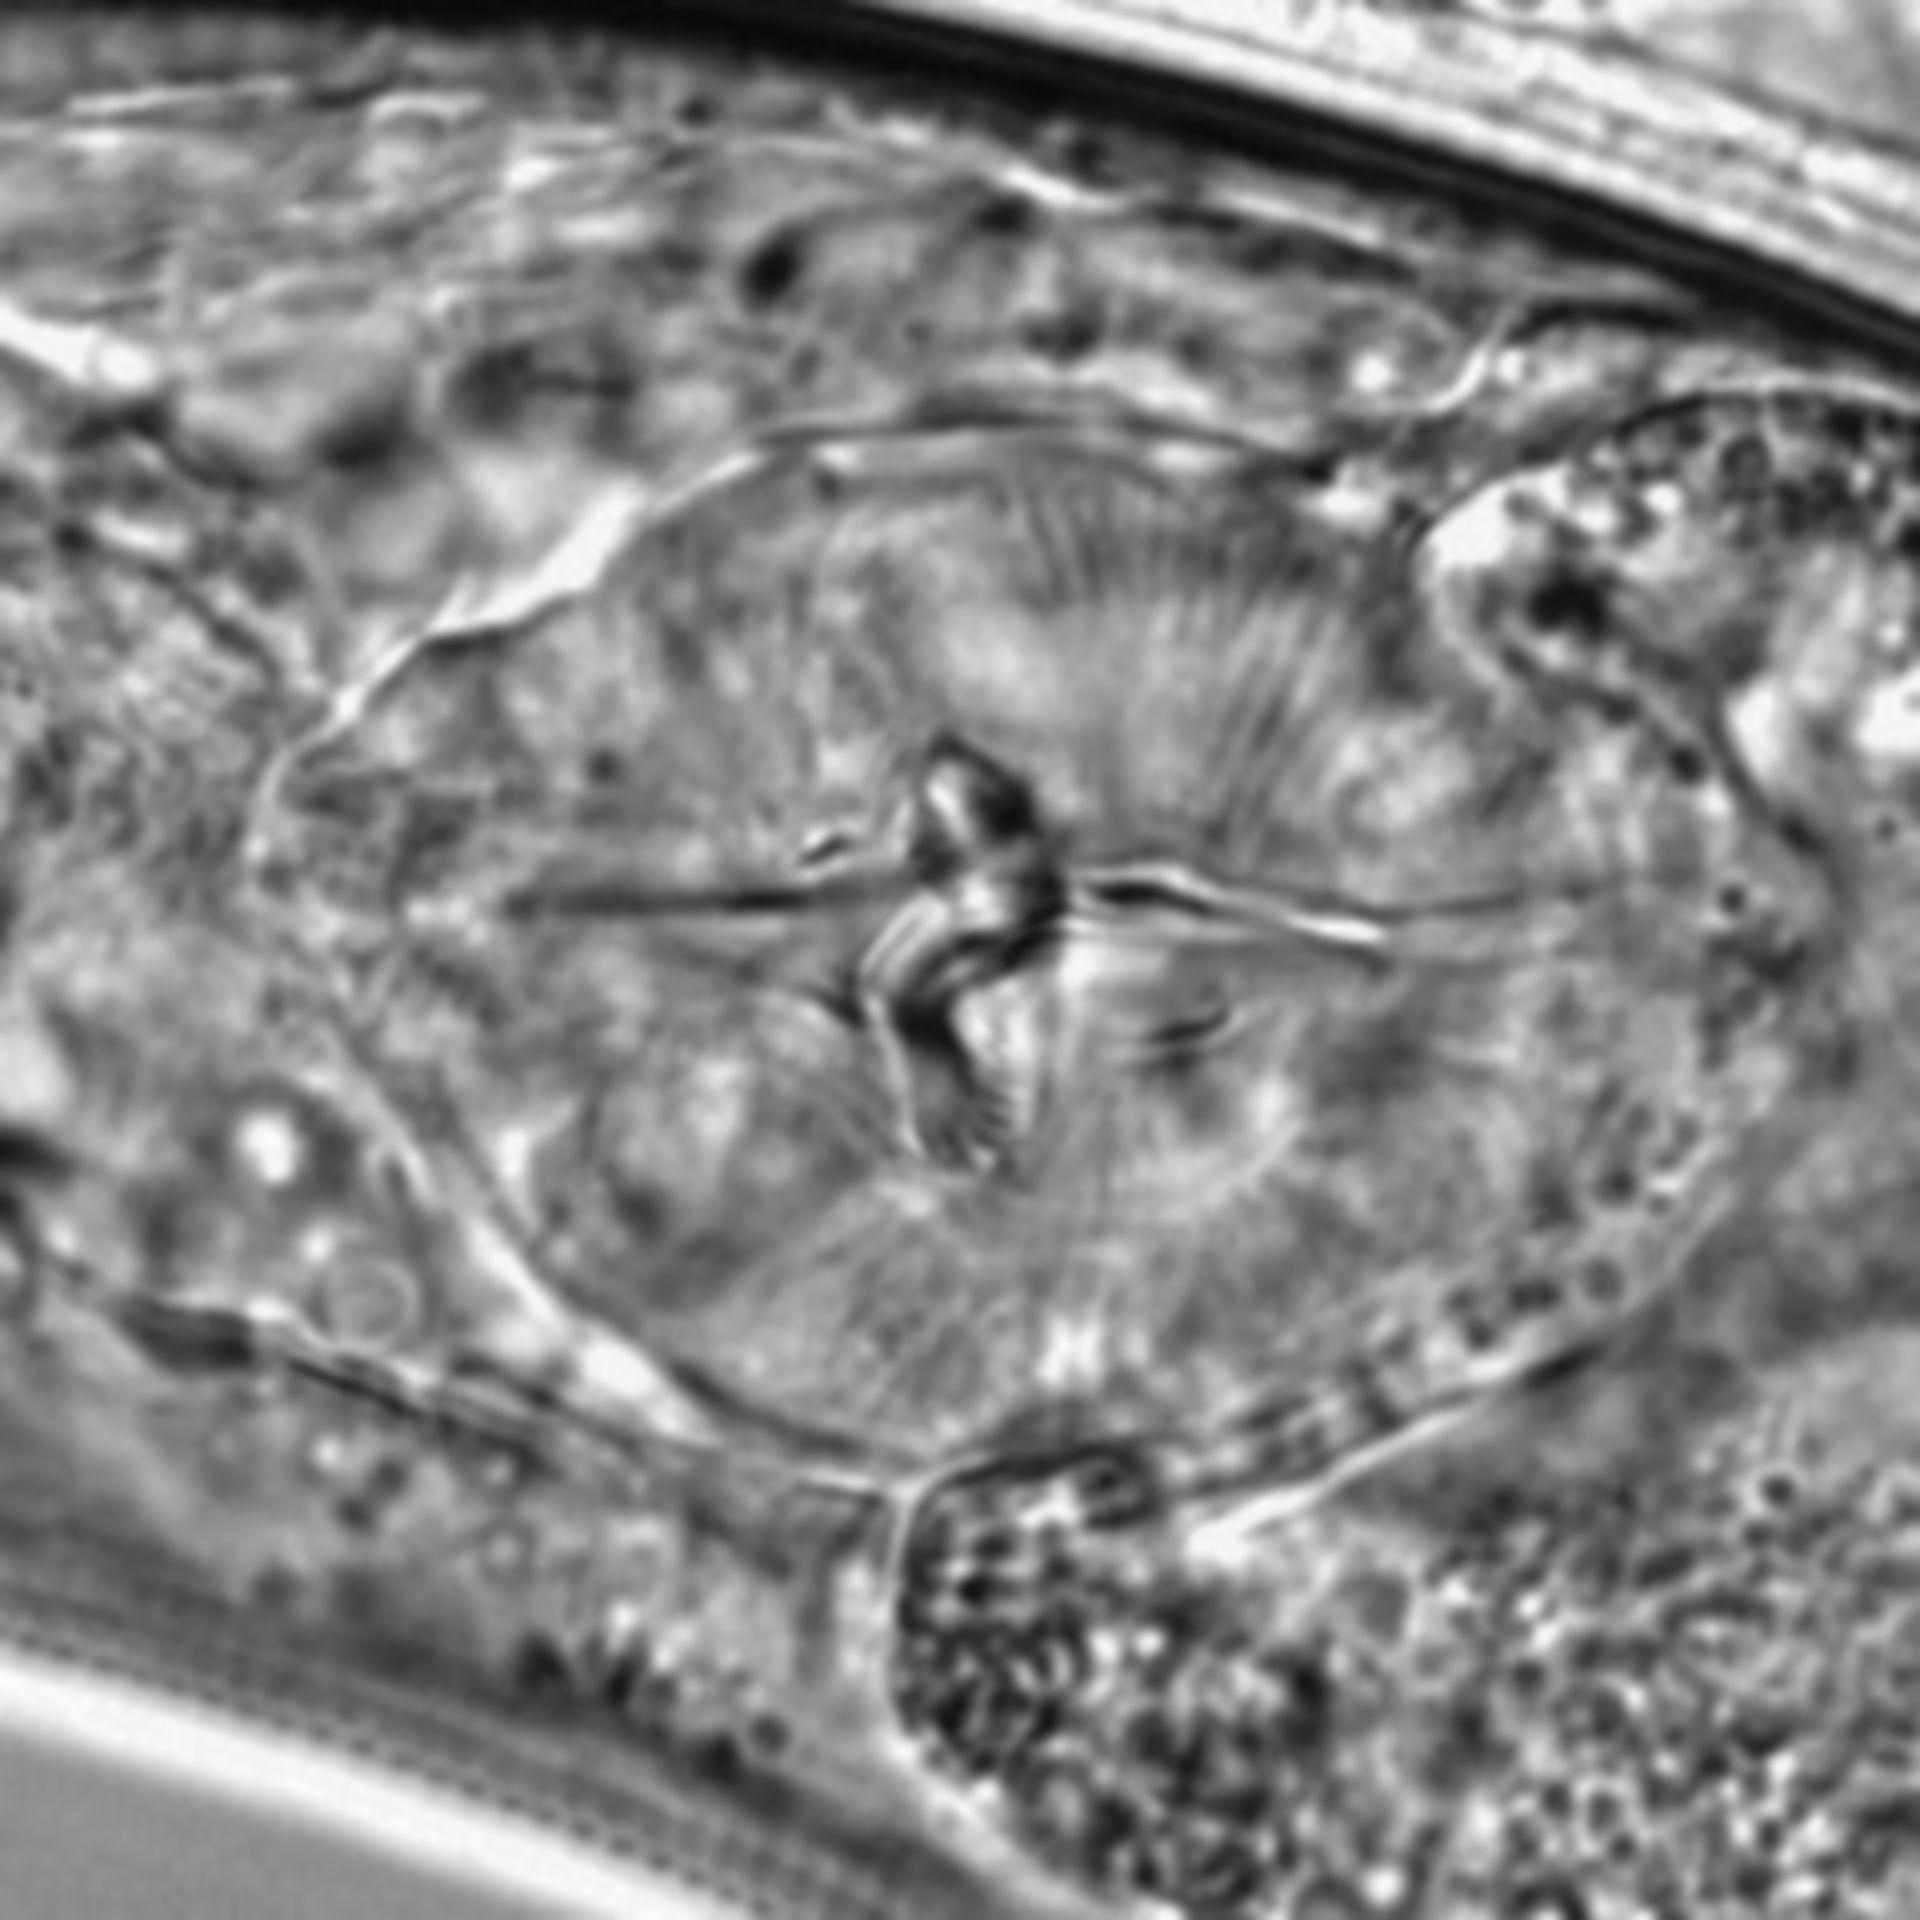 Caenorhabditis elegans - CIL:1636